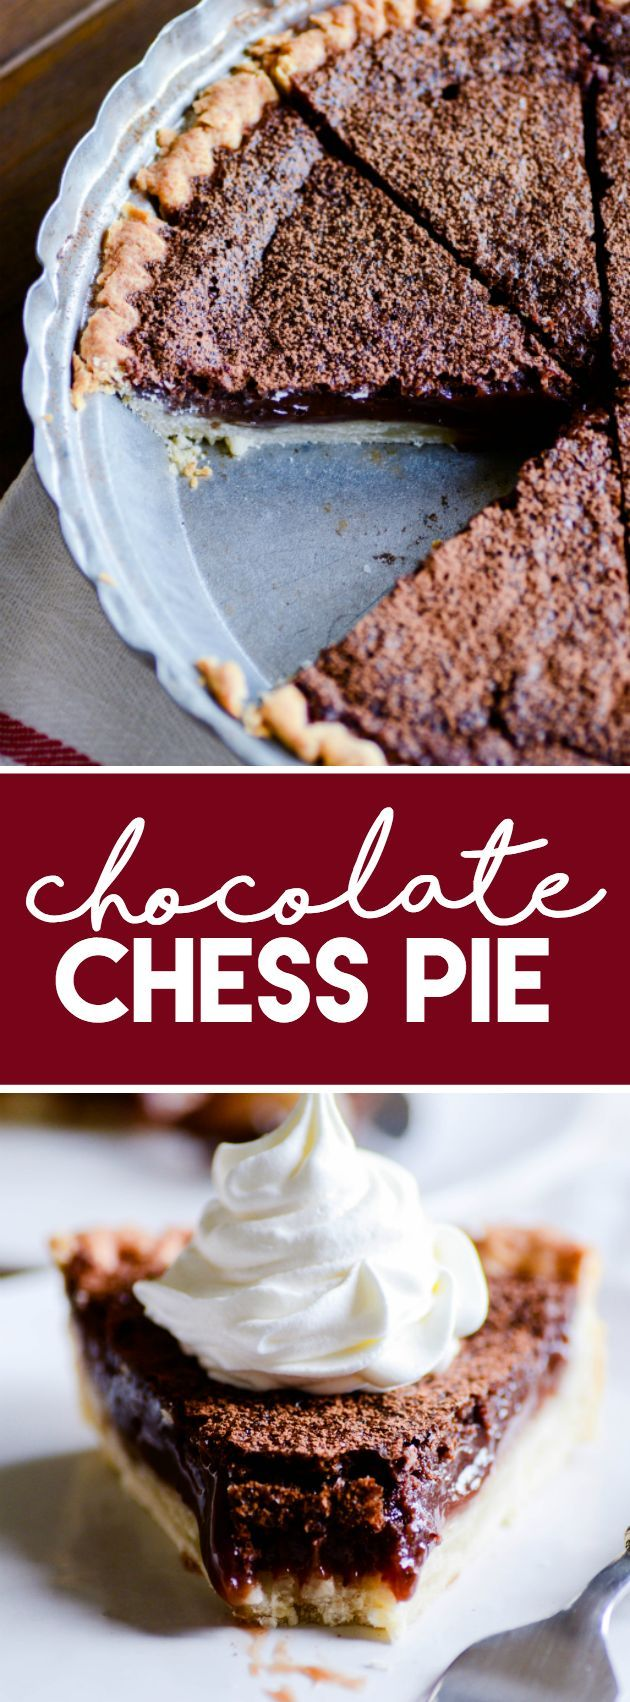 Chocolate Chess Pie https://www.somethingswanky.com/chocolate-chess-pie/?utm_campaign=coschedule&utm_source=pinterest&utm_medium=Something%20Swanky&utm_content=Chocolate%20Chess%20Pie